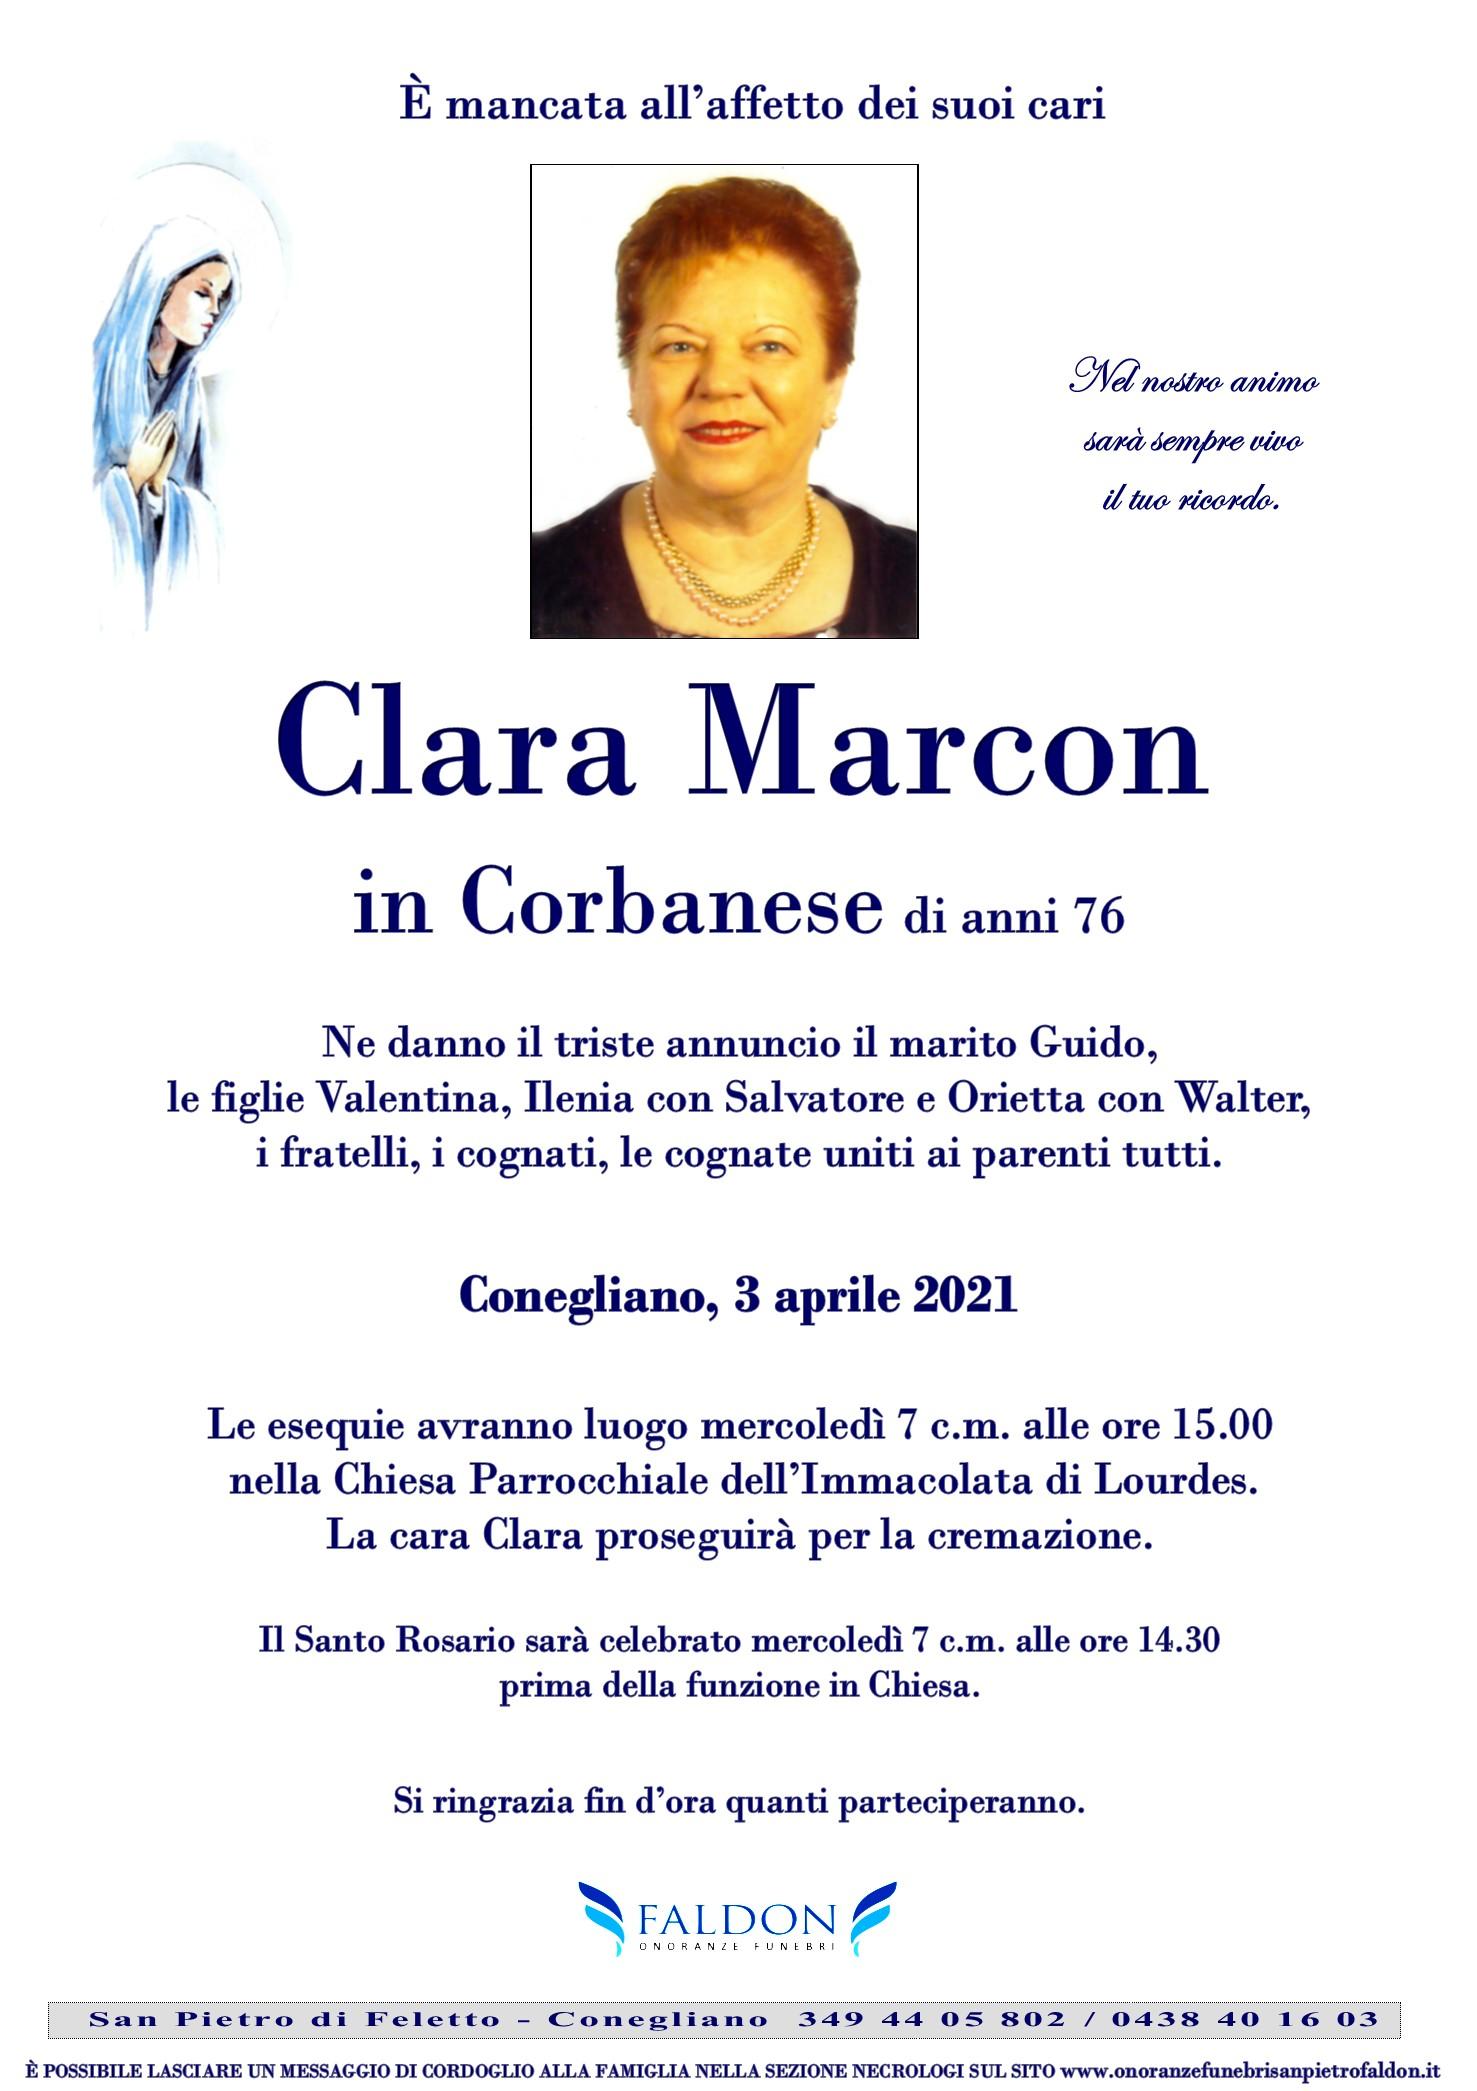 Clara Marcon